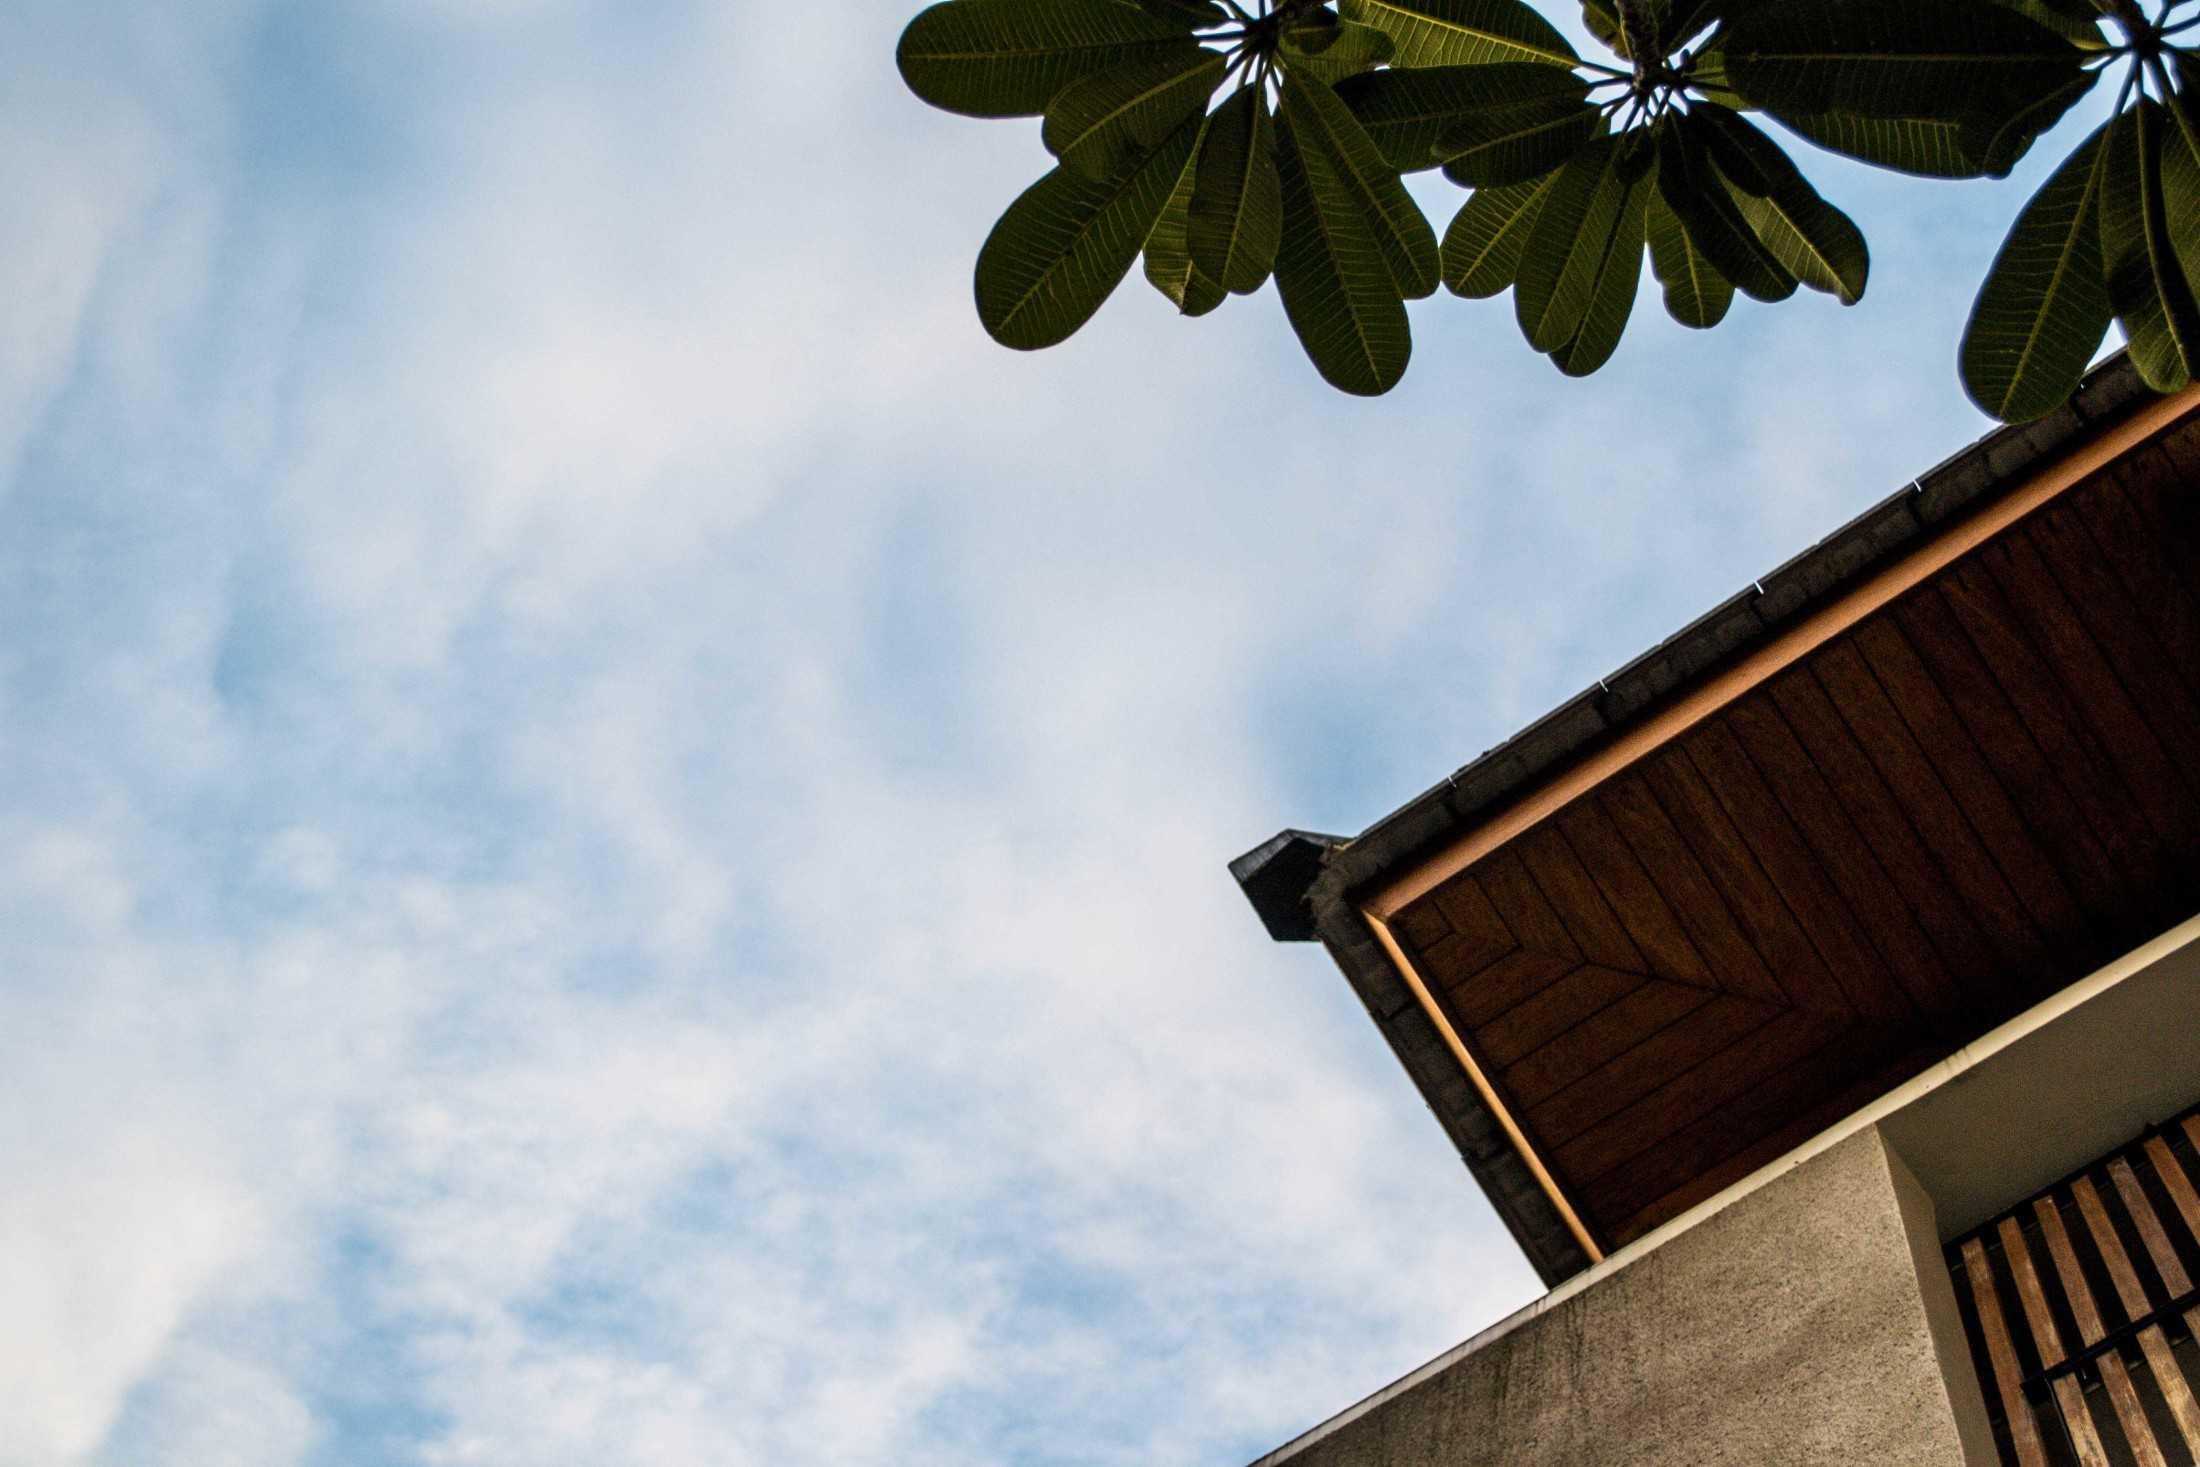 Gohte Architects Narada House Pakulonan, Kec. Serpong Utara, Kota Tangerang Selatan, Banten 15325, Indonesia Pakulonan, Kec. Serpong Utara, Kota Tangerang Selatan, Banten 15325, Indonesia Gohte-Architects-Narada-House  96634